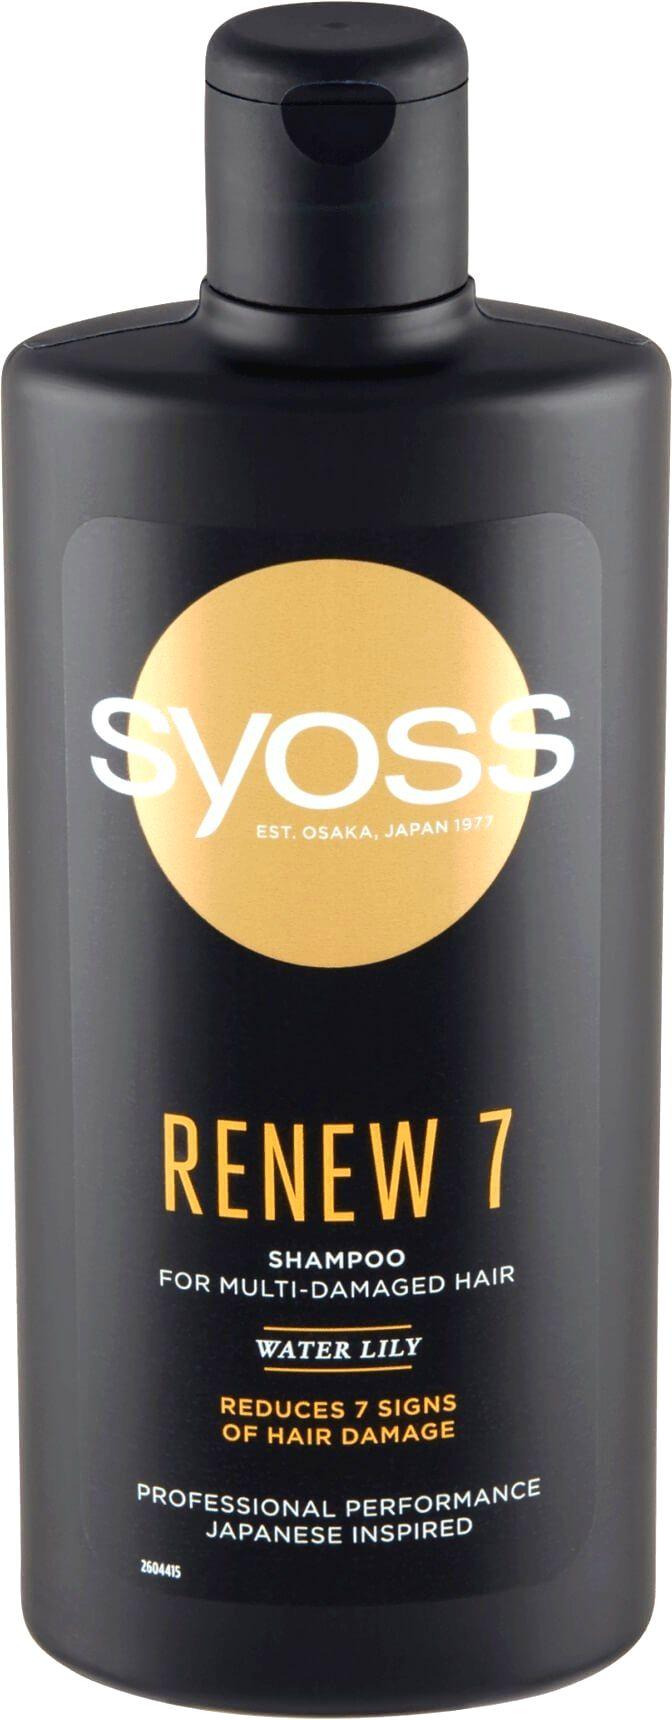 Syoss Šampón pre veľmi poškodené vlasy Renew 7 (Shampoo)440 ml